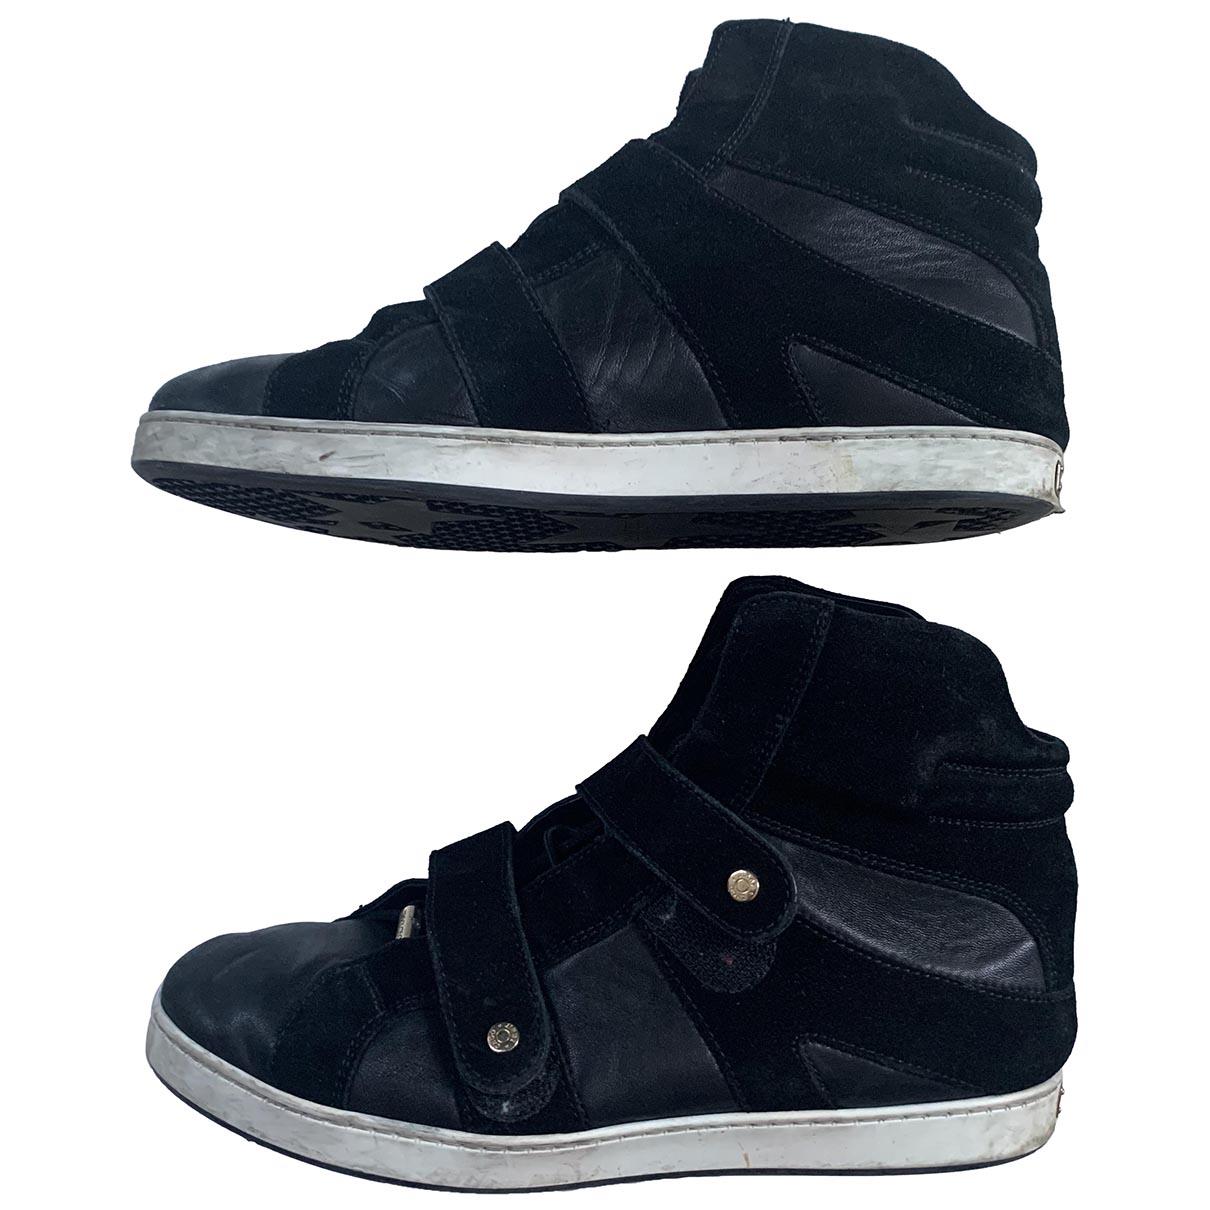 Jimmy Choo \N Black Leather Trainers for Women 37.5 EU